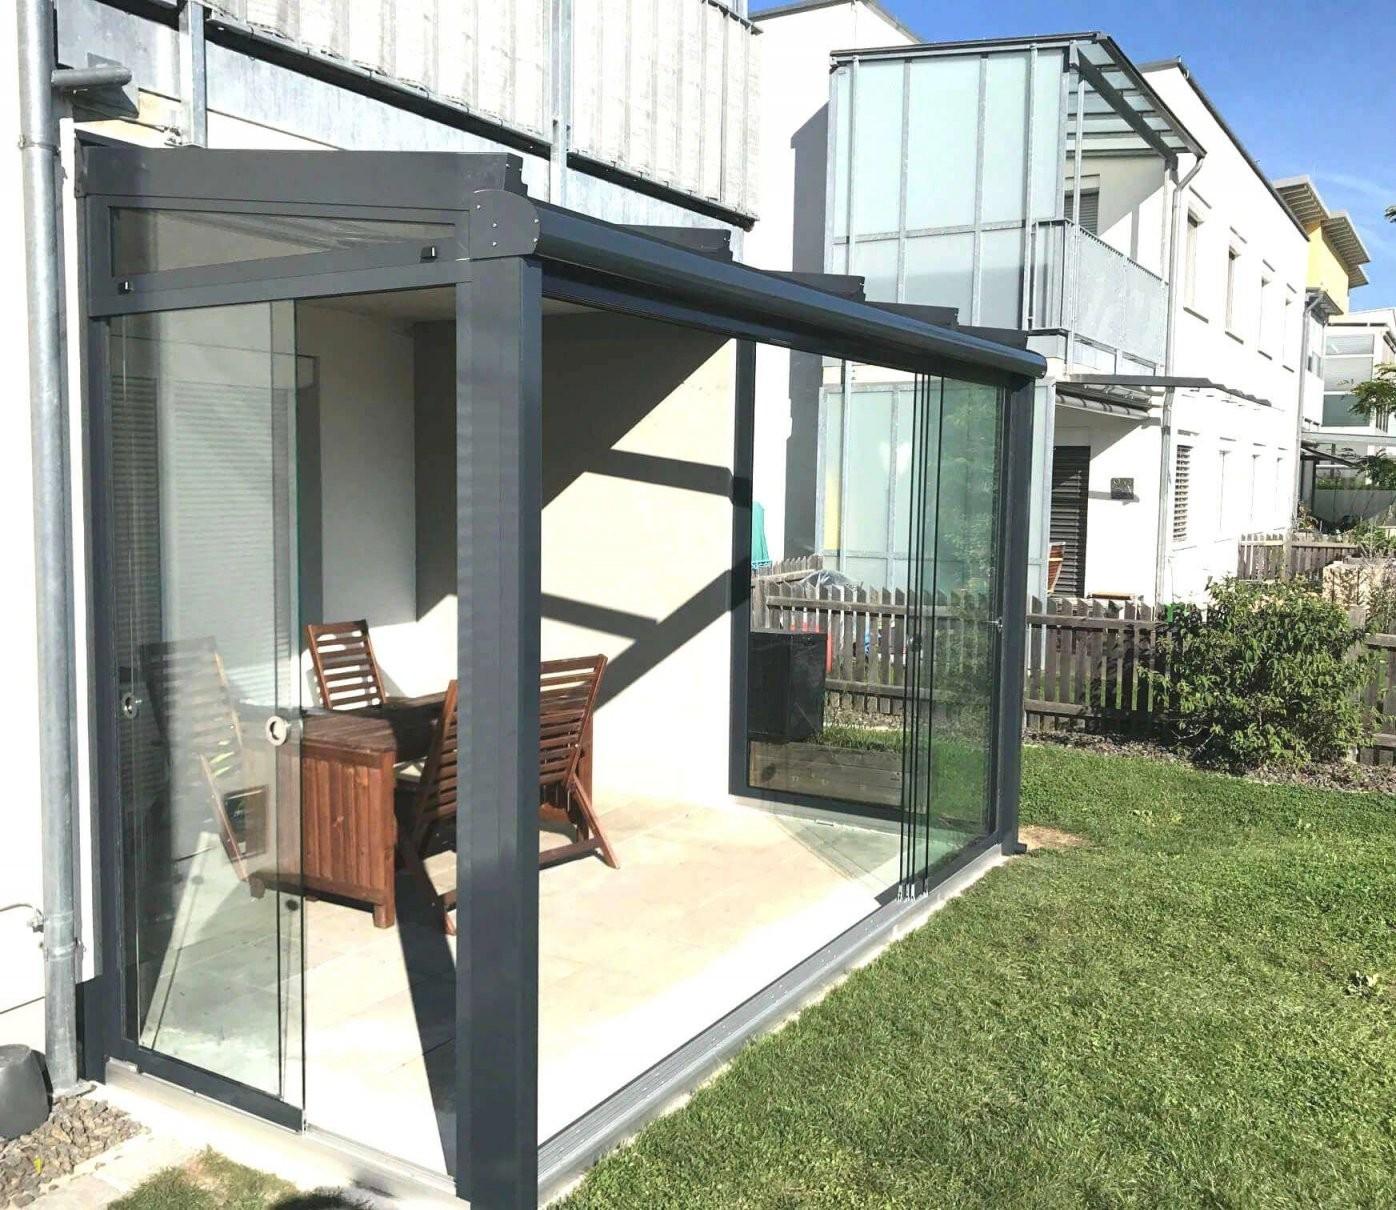 Sichtschutz Balkon Seitlich Ohne Bohren Schön Plexiglas Sichtschutz von Windschutz Für Balkon Ohne Bohren Bild